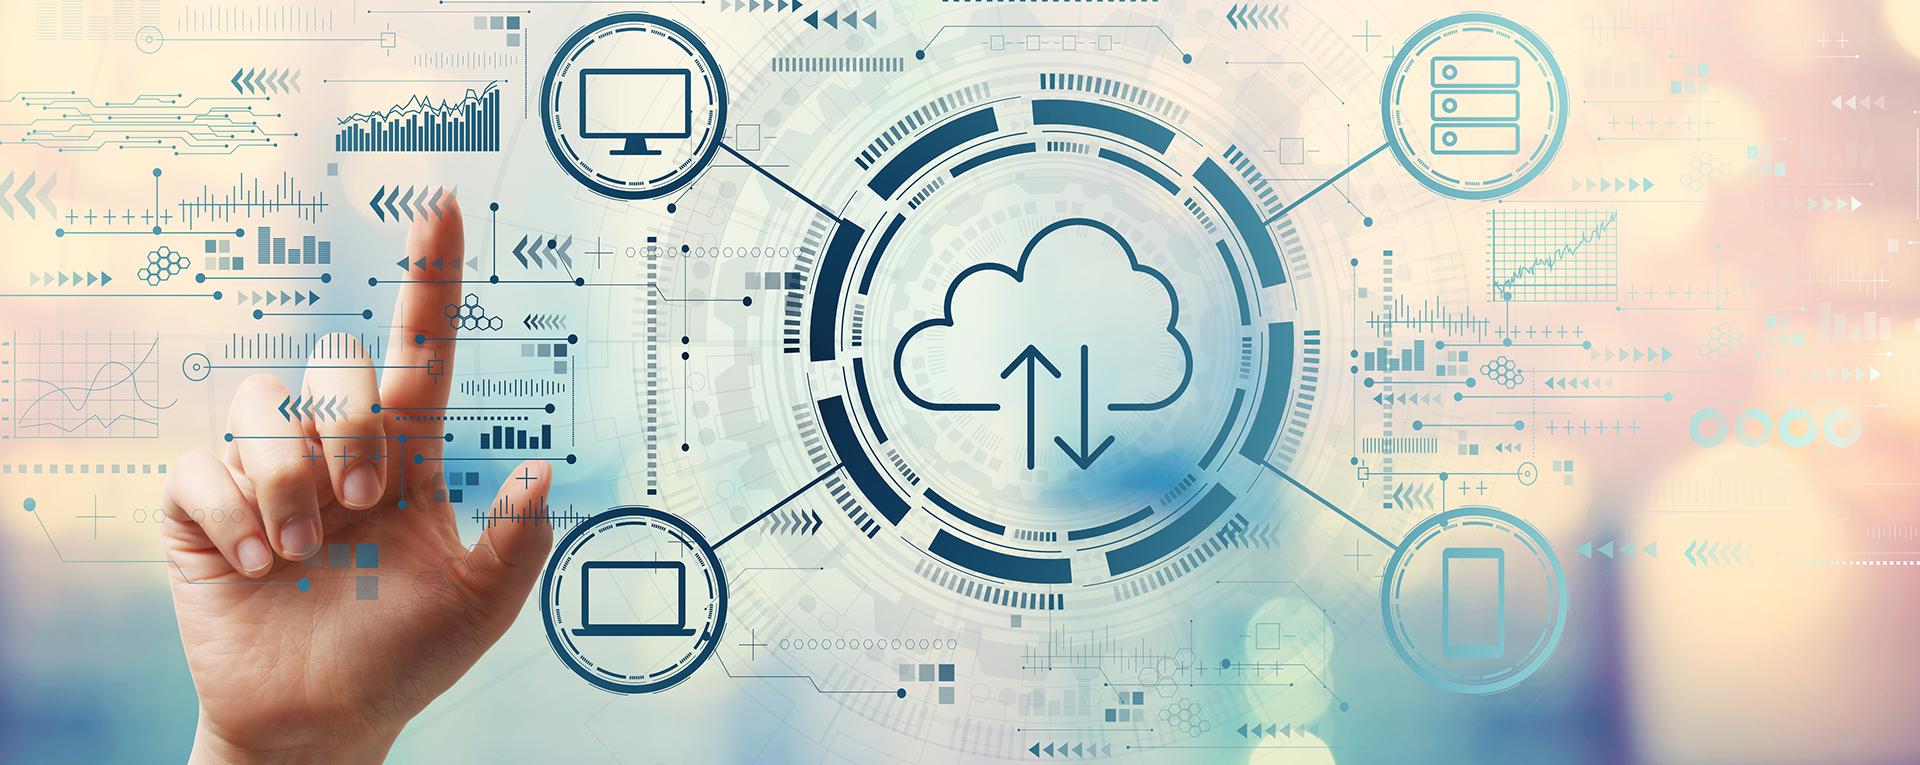 Cloud-Self-Service-Portal